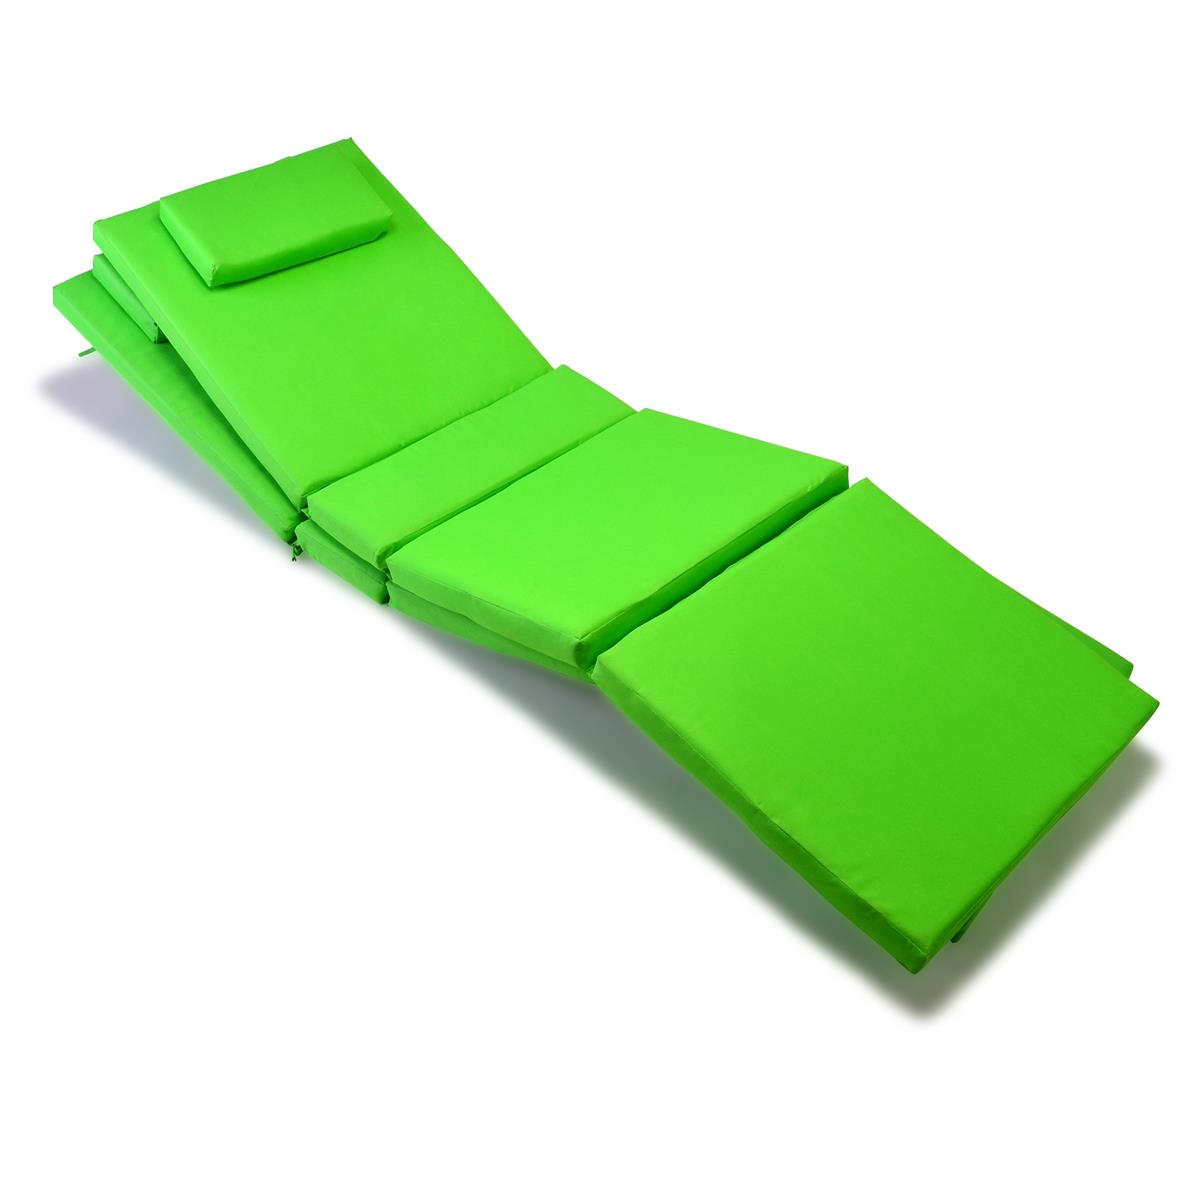 DIVERO 2x Liegenauflage Polster für Gartenliege mit Kopfkissen hellgrün